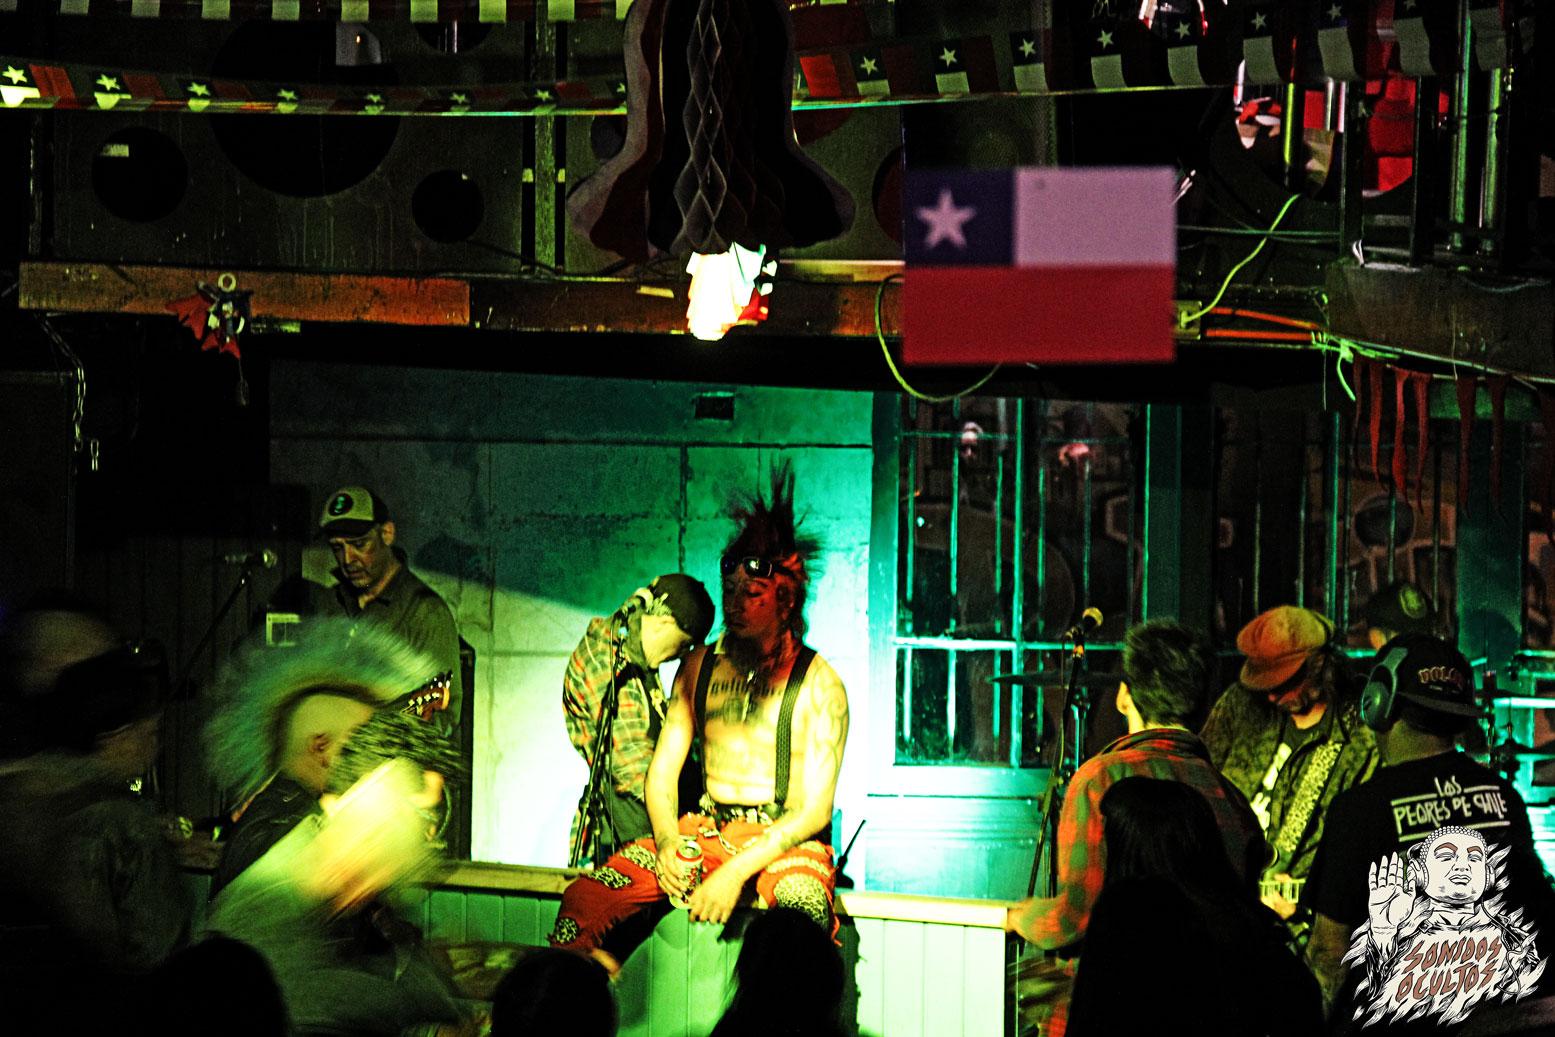 Peores-de-Chile-y-The-Migueles-en-la-locomotora-sepiembre-2019-11